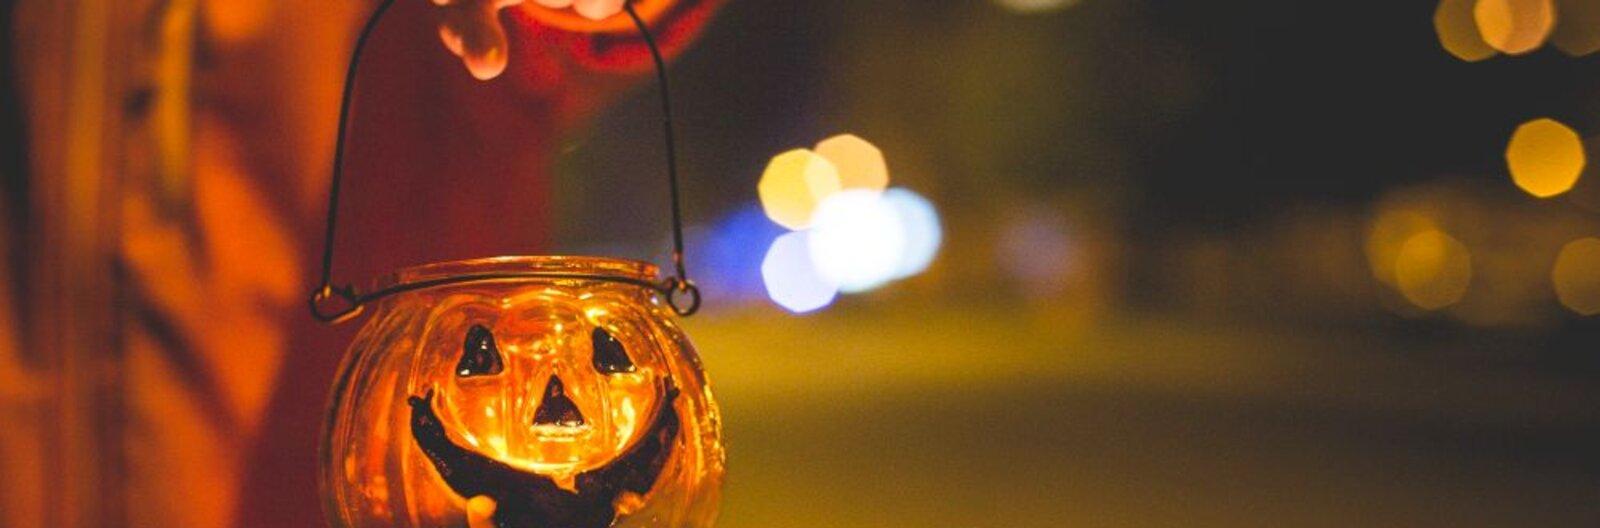 A legborzongatóbb programok Halloween éjszakájára: a mozimaratontól a véradáson át az állatkerti rémsétáig